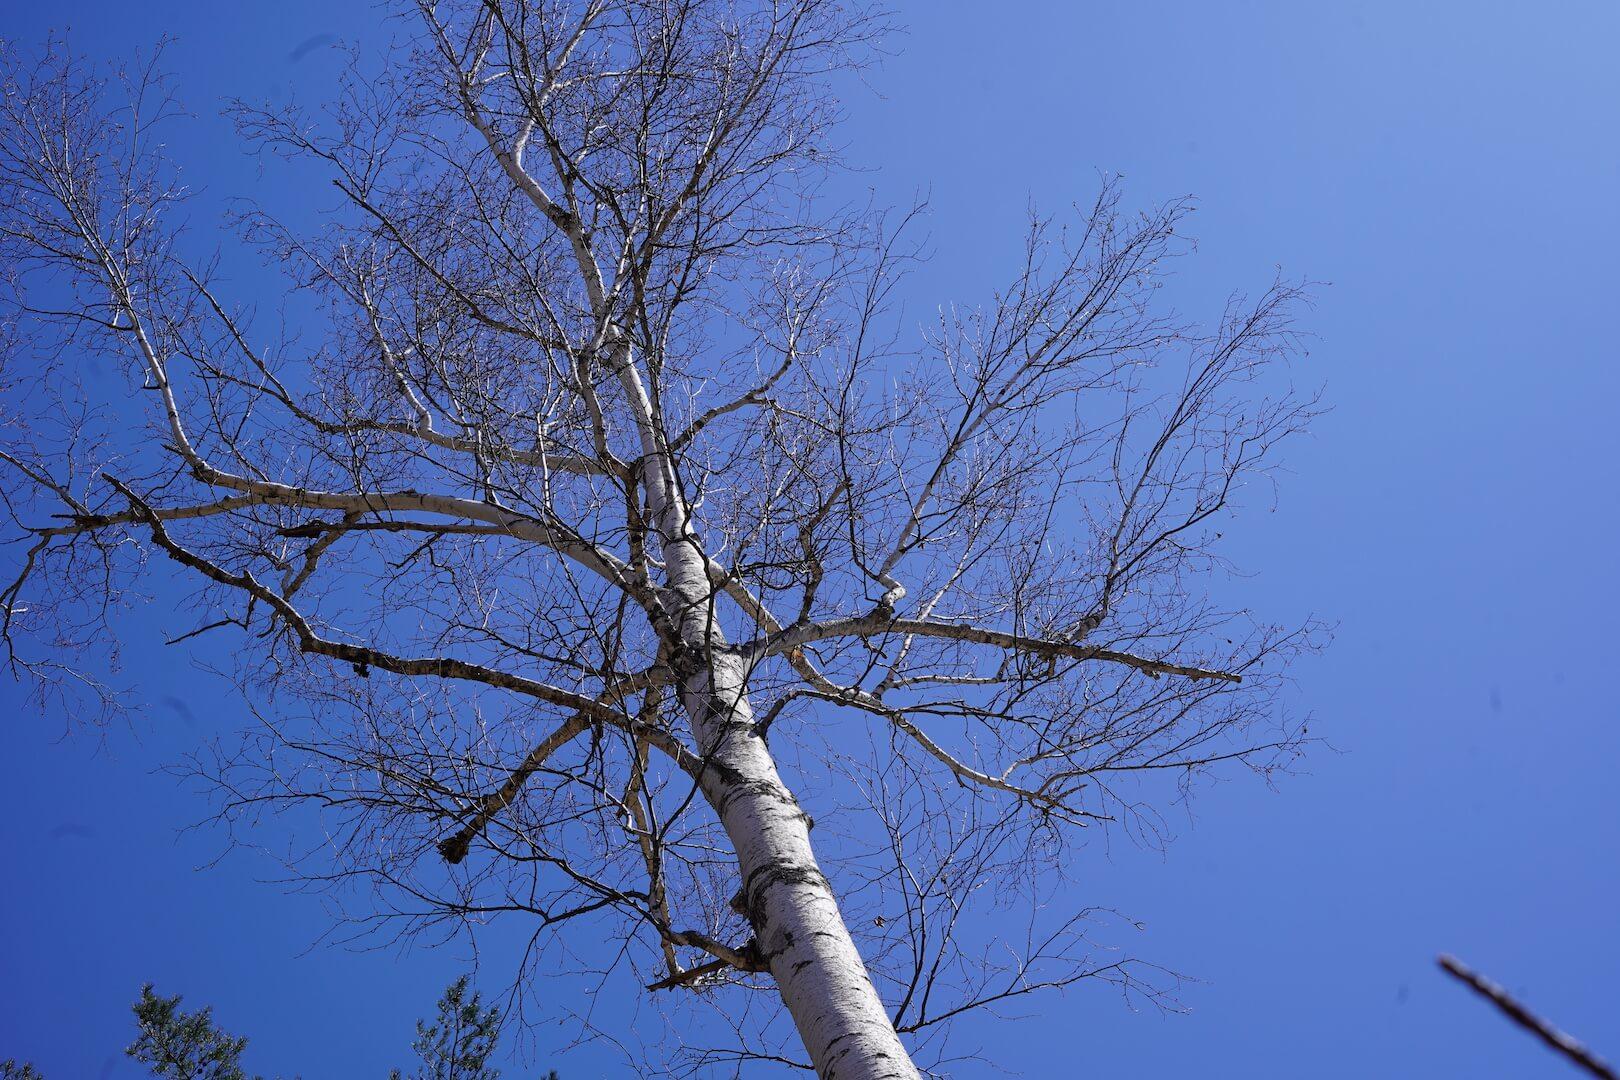 矢ノ原湿原の白樺の木